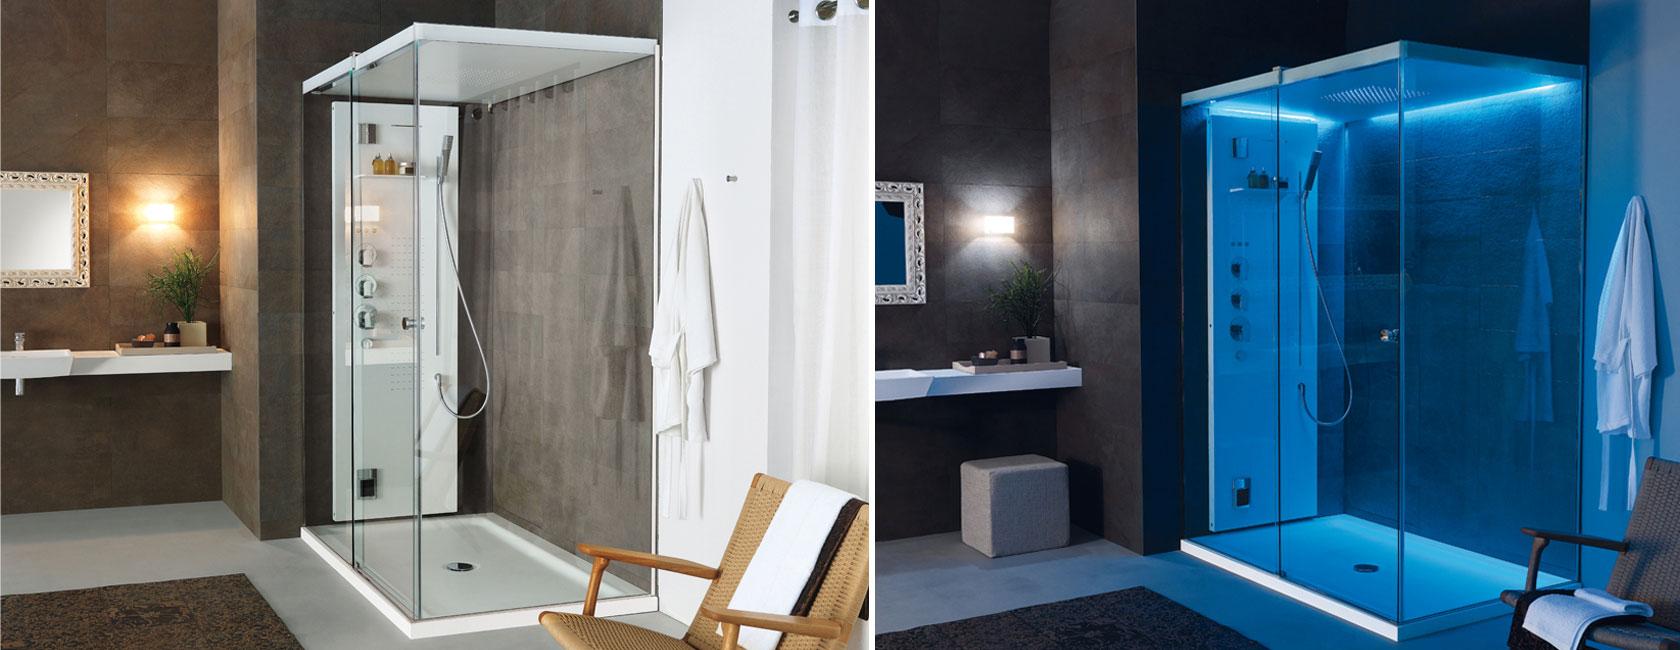 Light cabina doccia multifunzione teuco edilceramiche di - Cabina doccia teuco prezzi ...